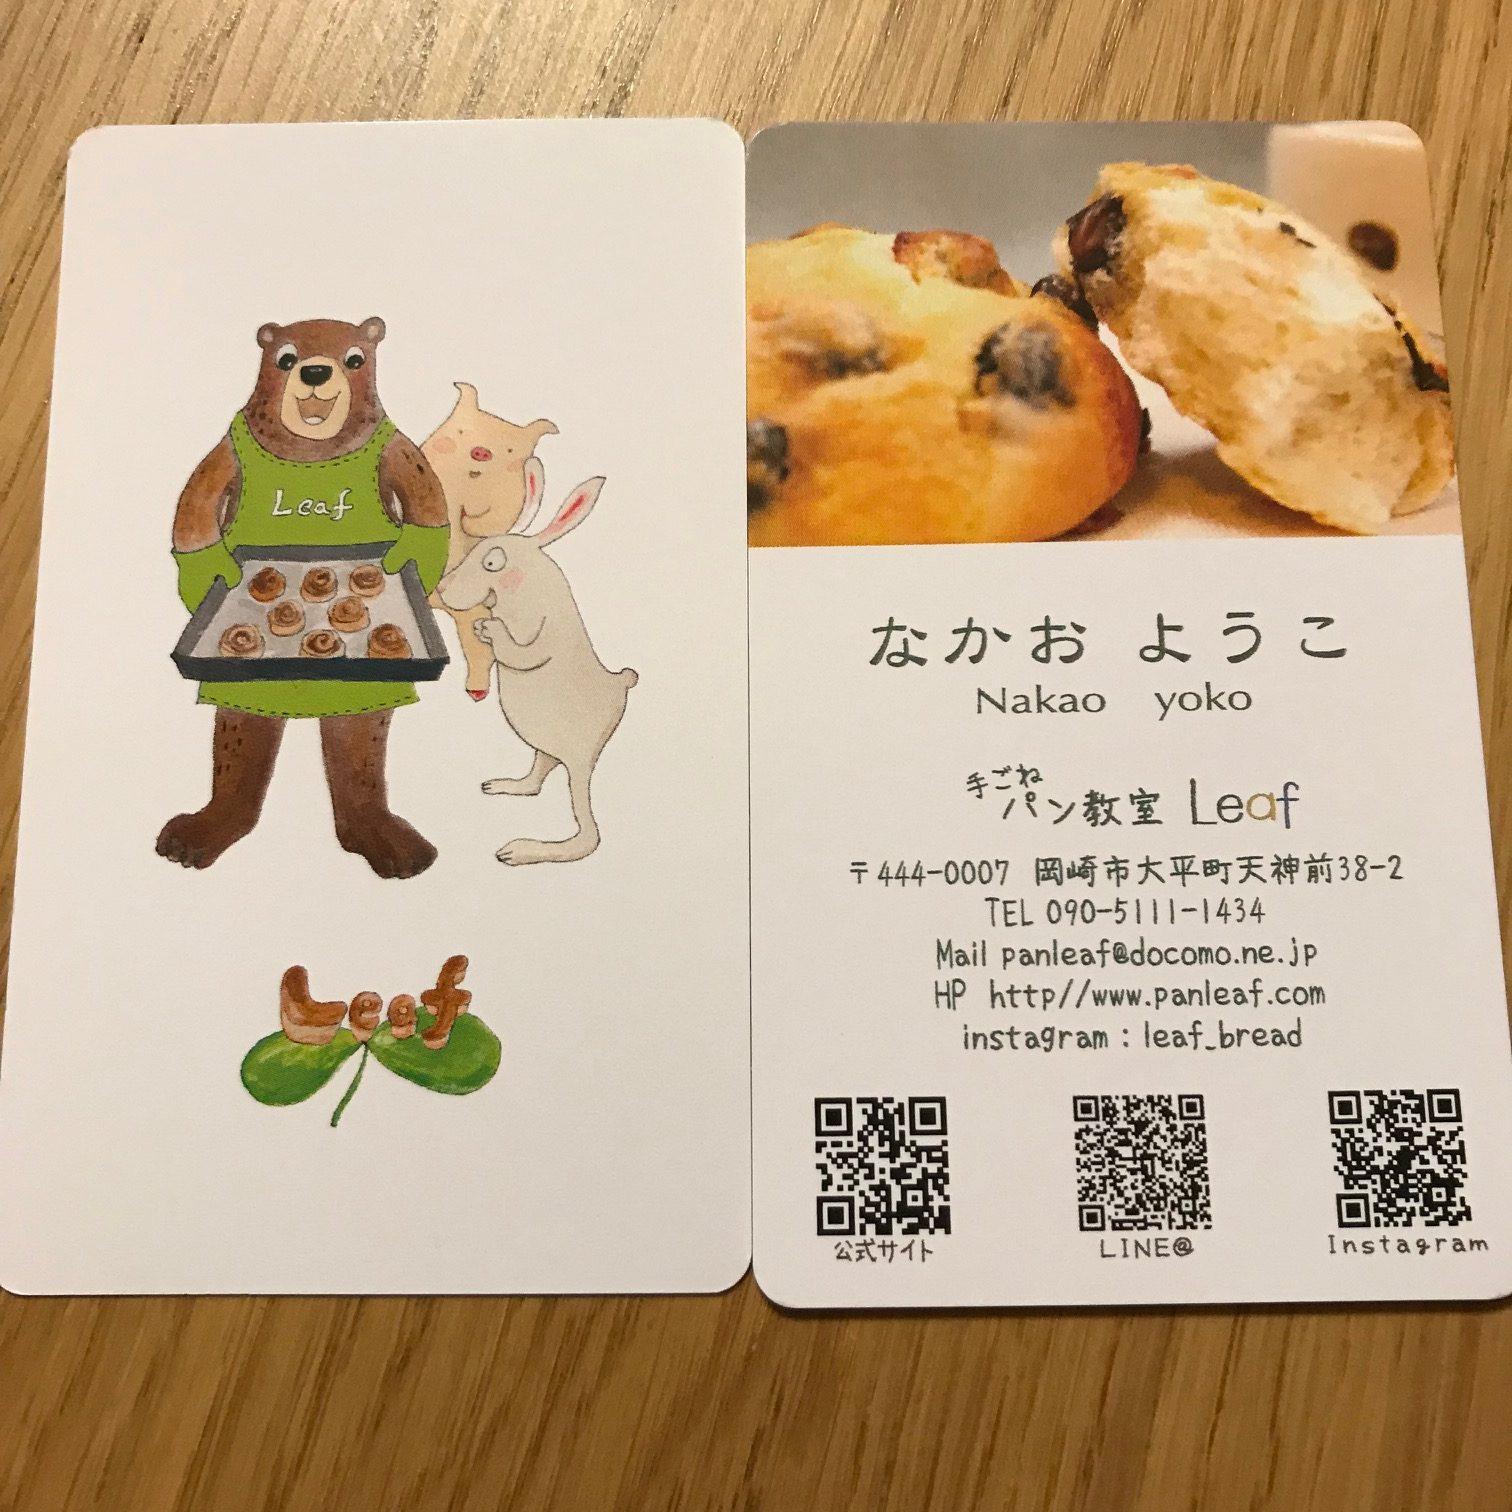 パン教室Leaf新コース誕生!